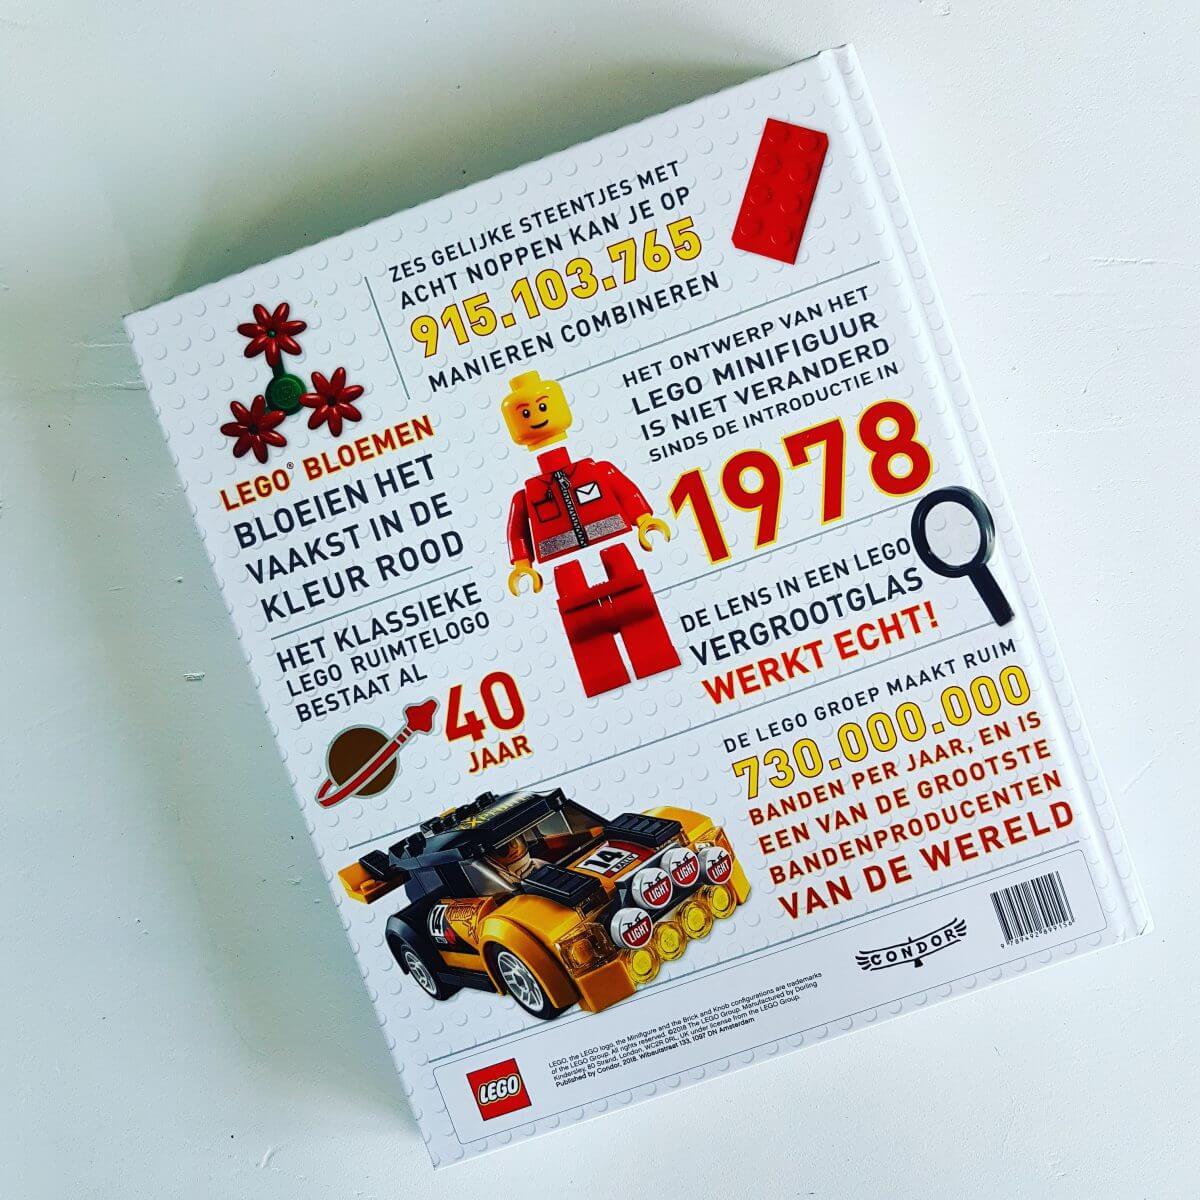 LEGO - echt alles wat je zou moeten weten - stapels LEGO weetjes